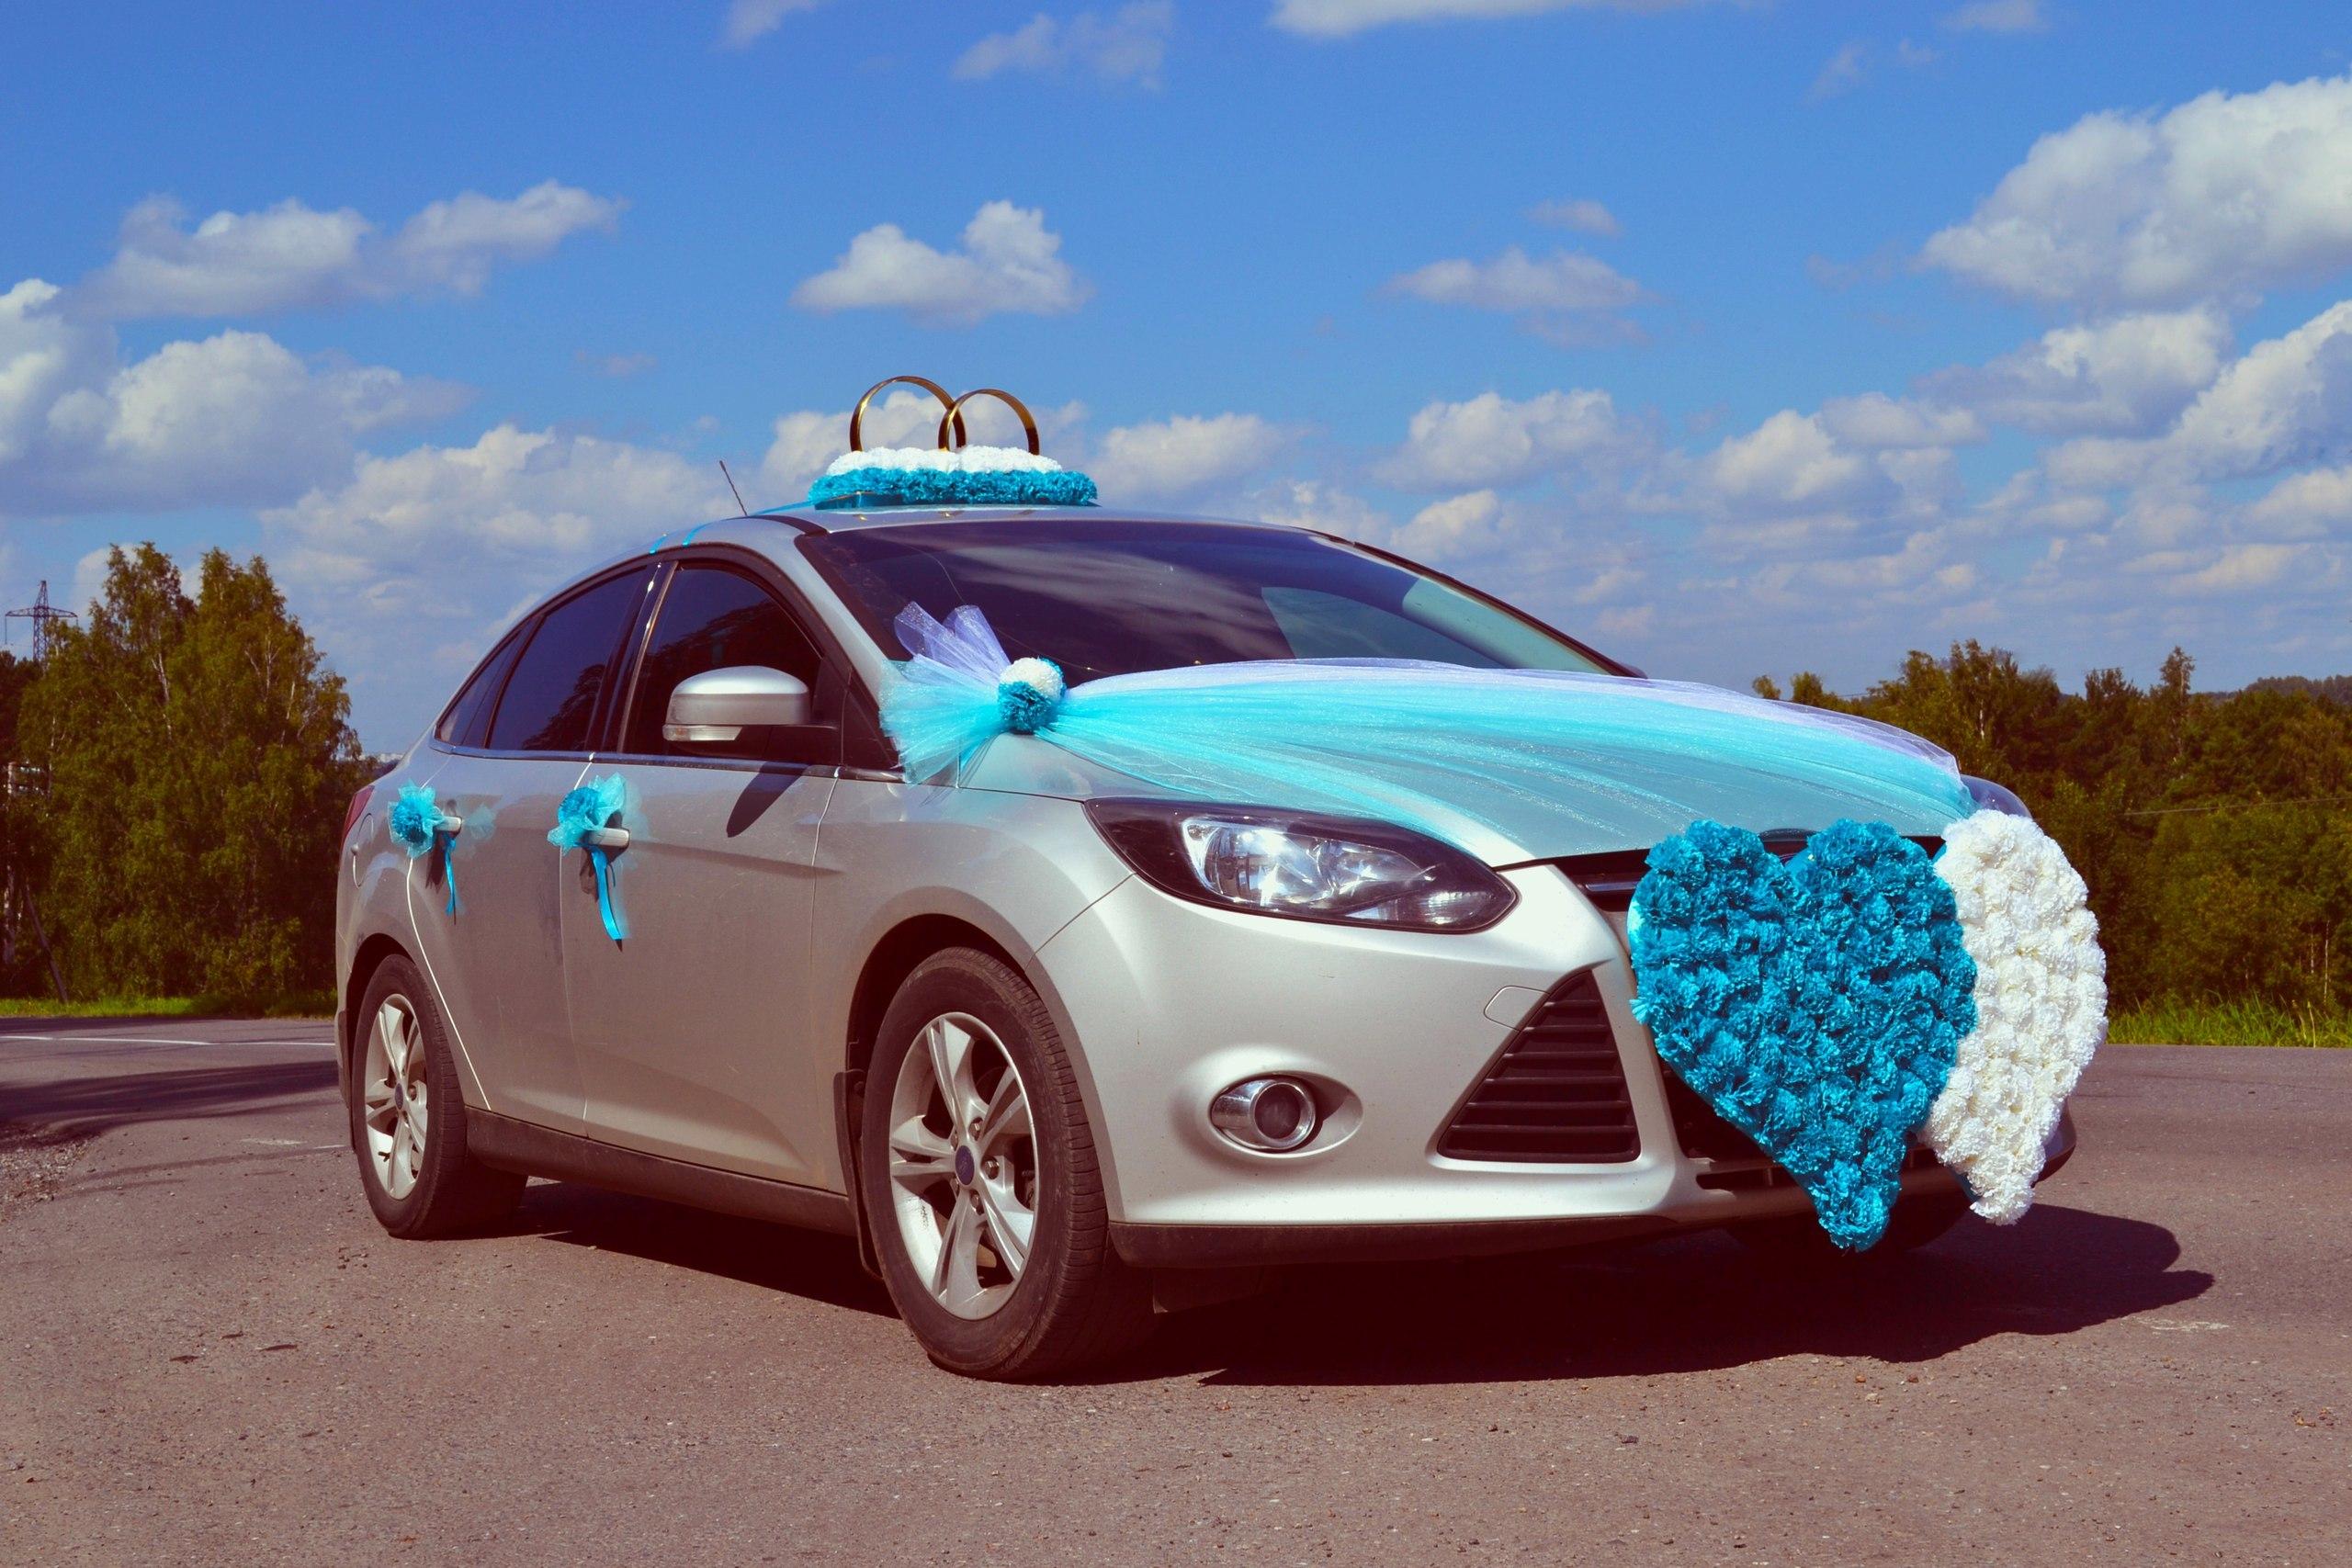 Украшения на машину в бирюзовом цвете фото